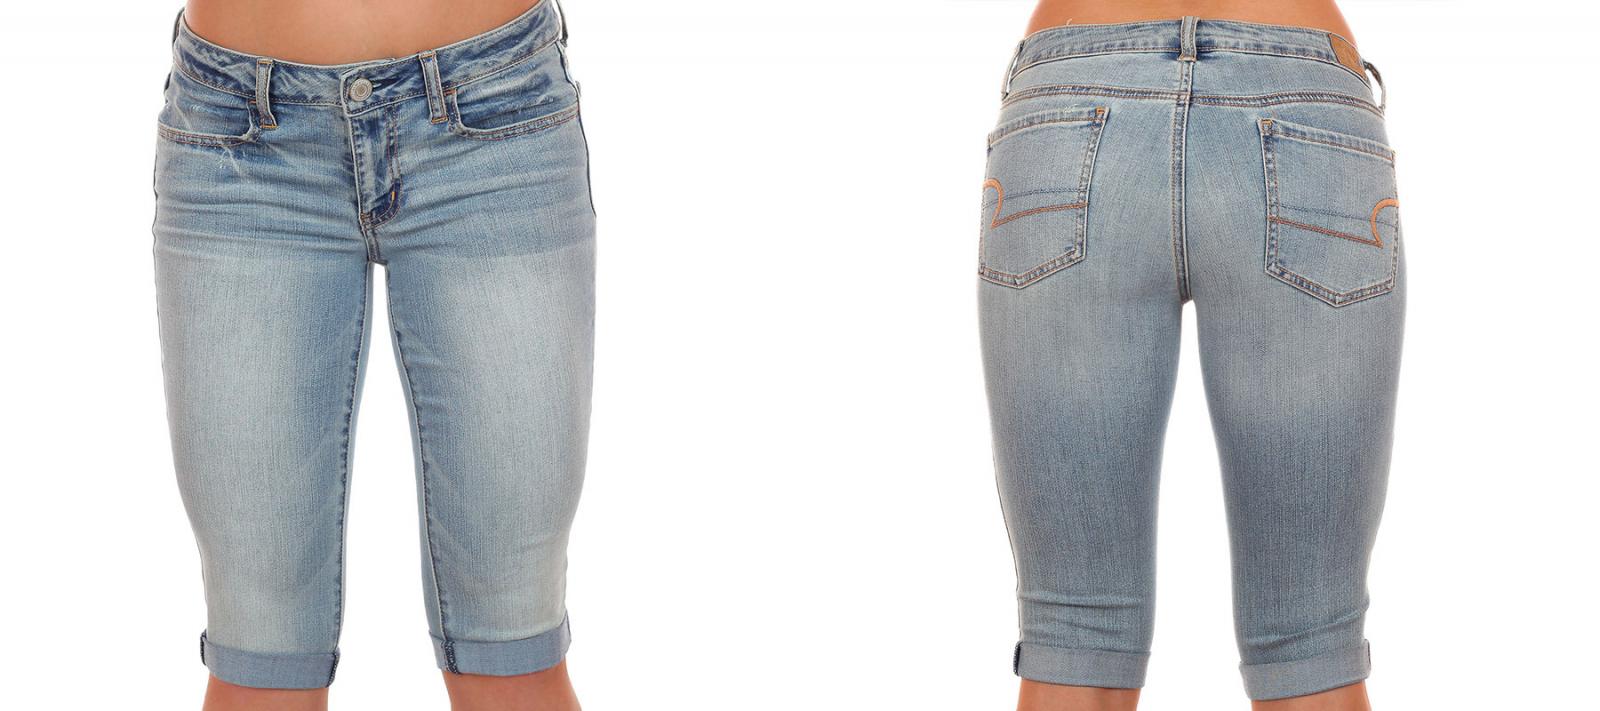 Заказать топовые джинсовые бриджики от American Eagle®, будь неотразимой дерзкой и сексуальной этим летом!